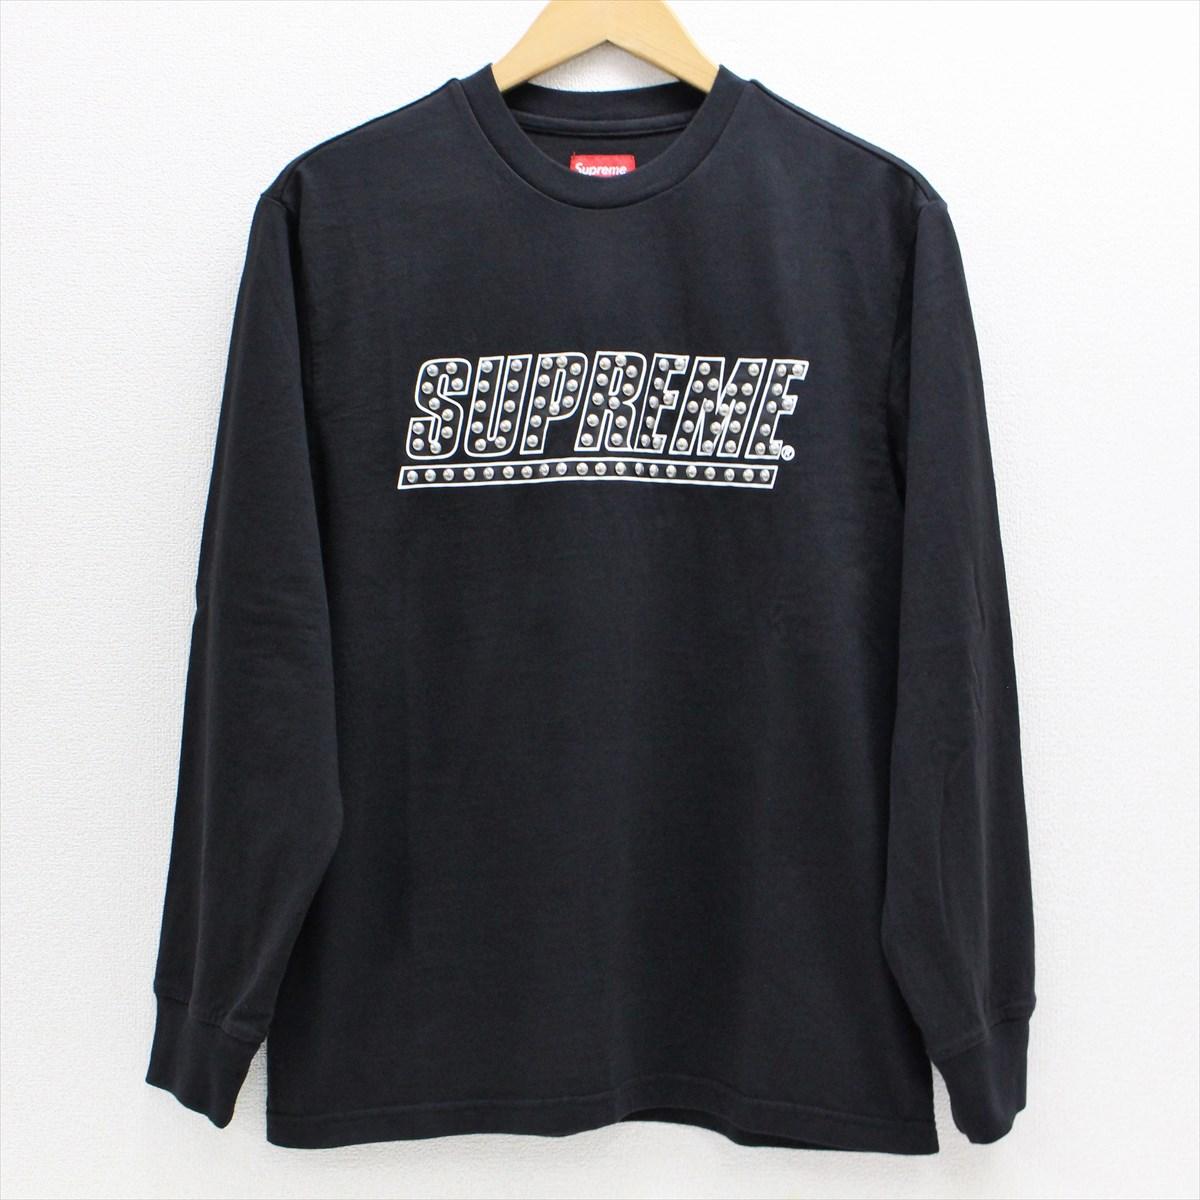 【未使用】 Supreme シュプリーム 20SS Studded L/S Top スタッズ 長袖Tシャツ S ブラック 【中古】 赤坂店 A20-530